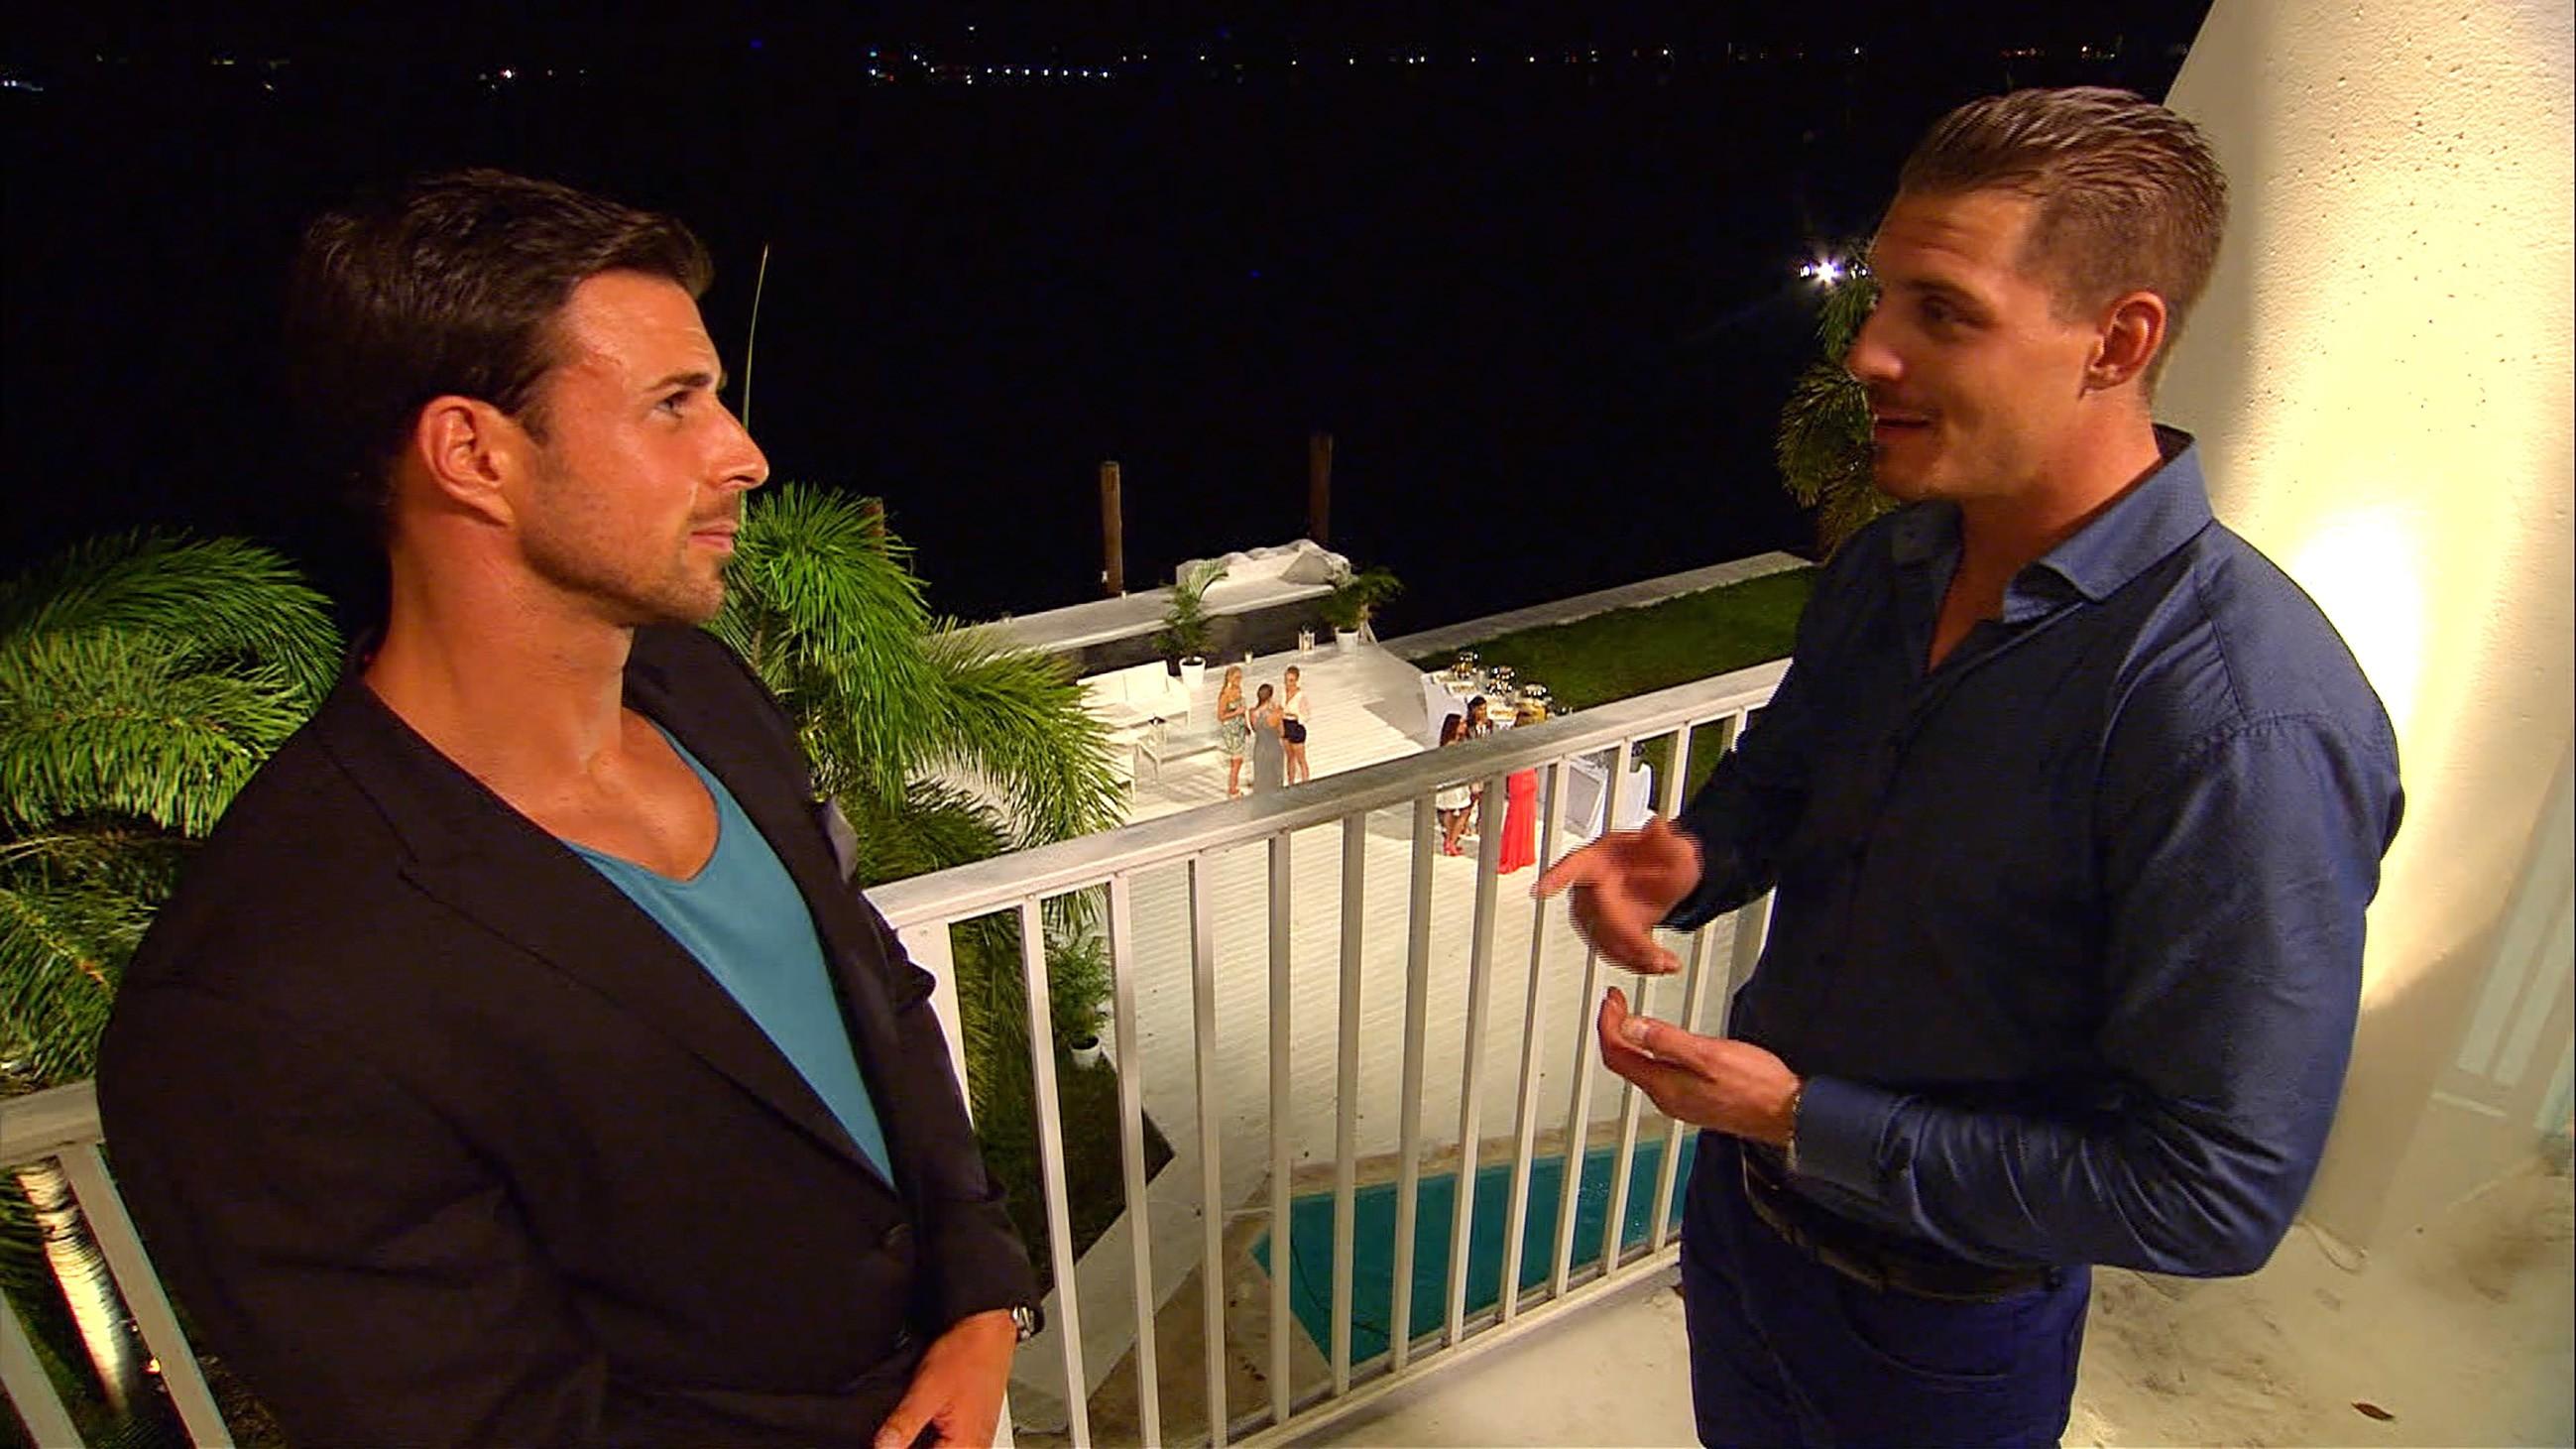 Der Bachelor 2016 Folge 5 - Leonard und sein Freund Dean